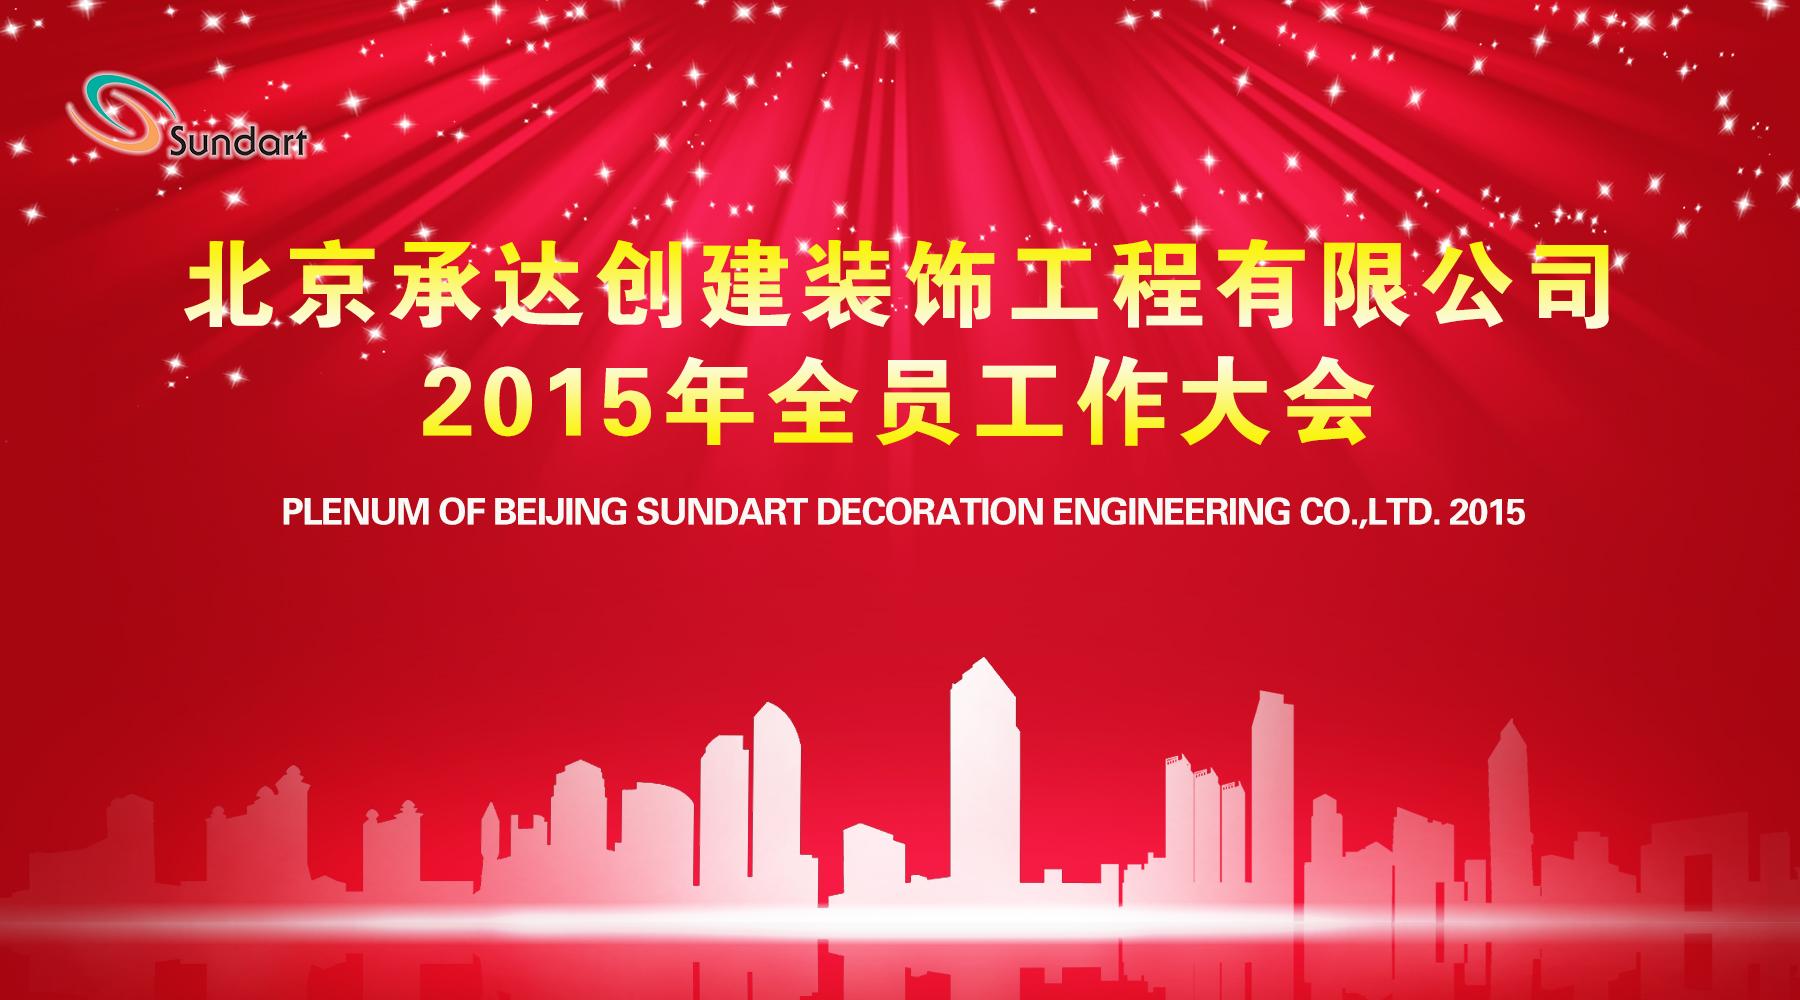 承前启后奋进路  携手共创新辉煌——北京承达隆重召开2015年全员工作大会